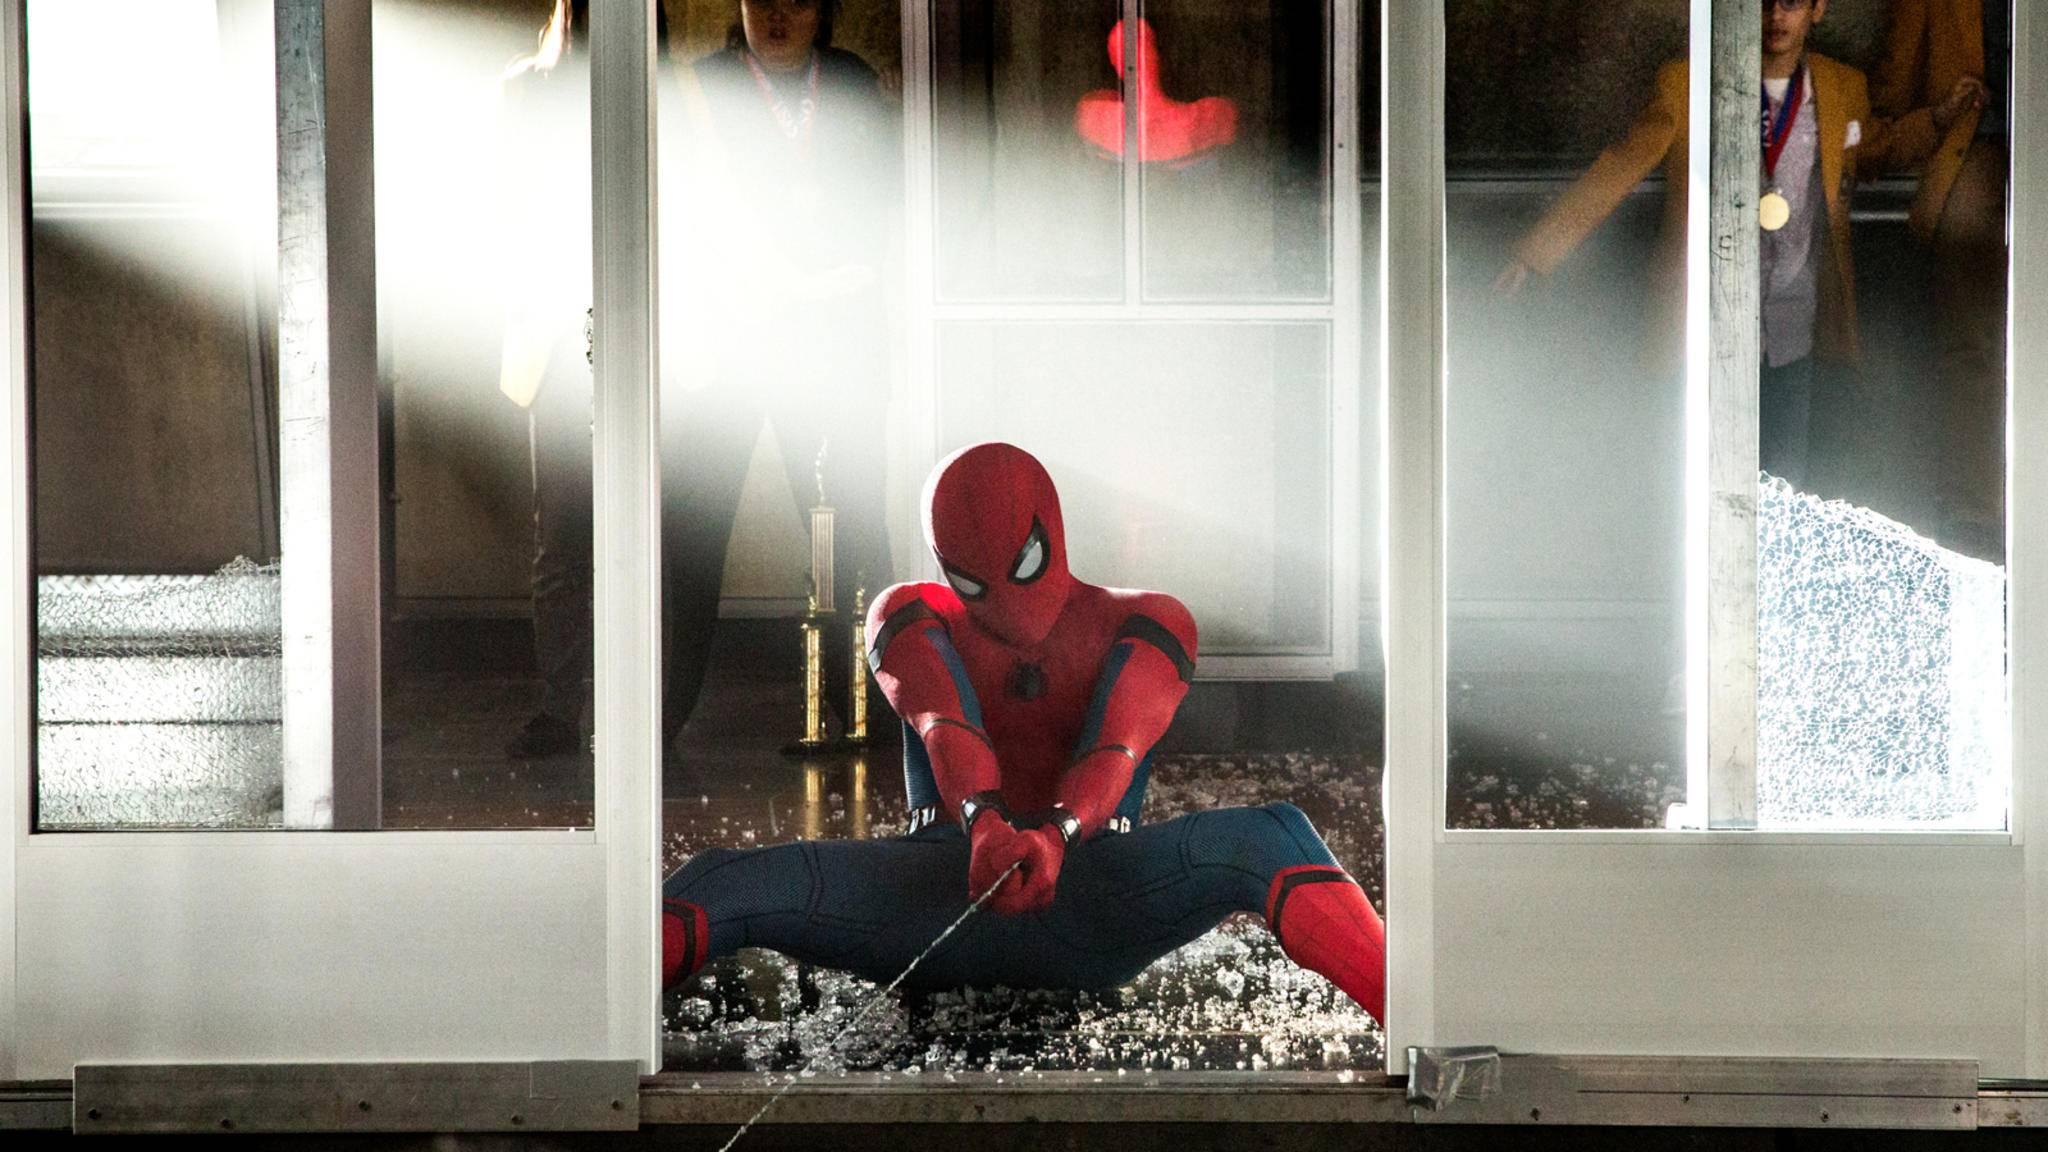 Gibt es schon am kommenden Samstag ein Wiedersehen mit Tom Holland als Spider-Man?